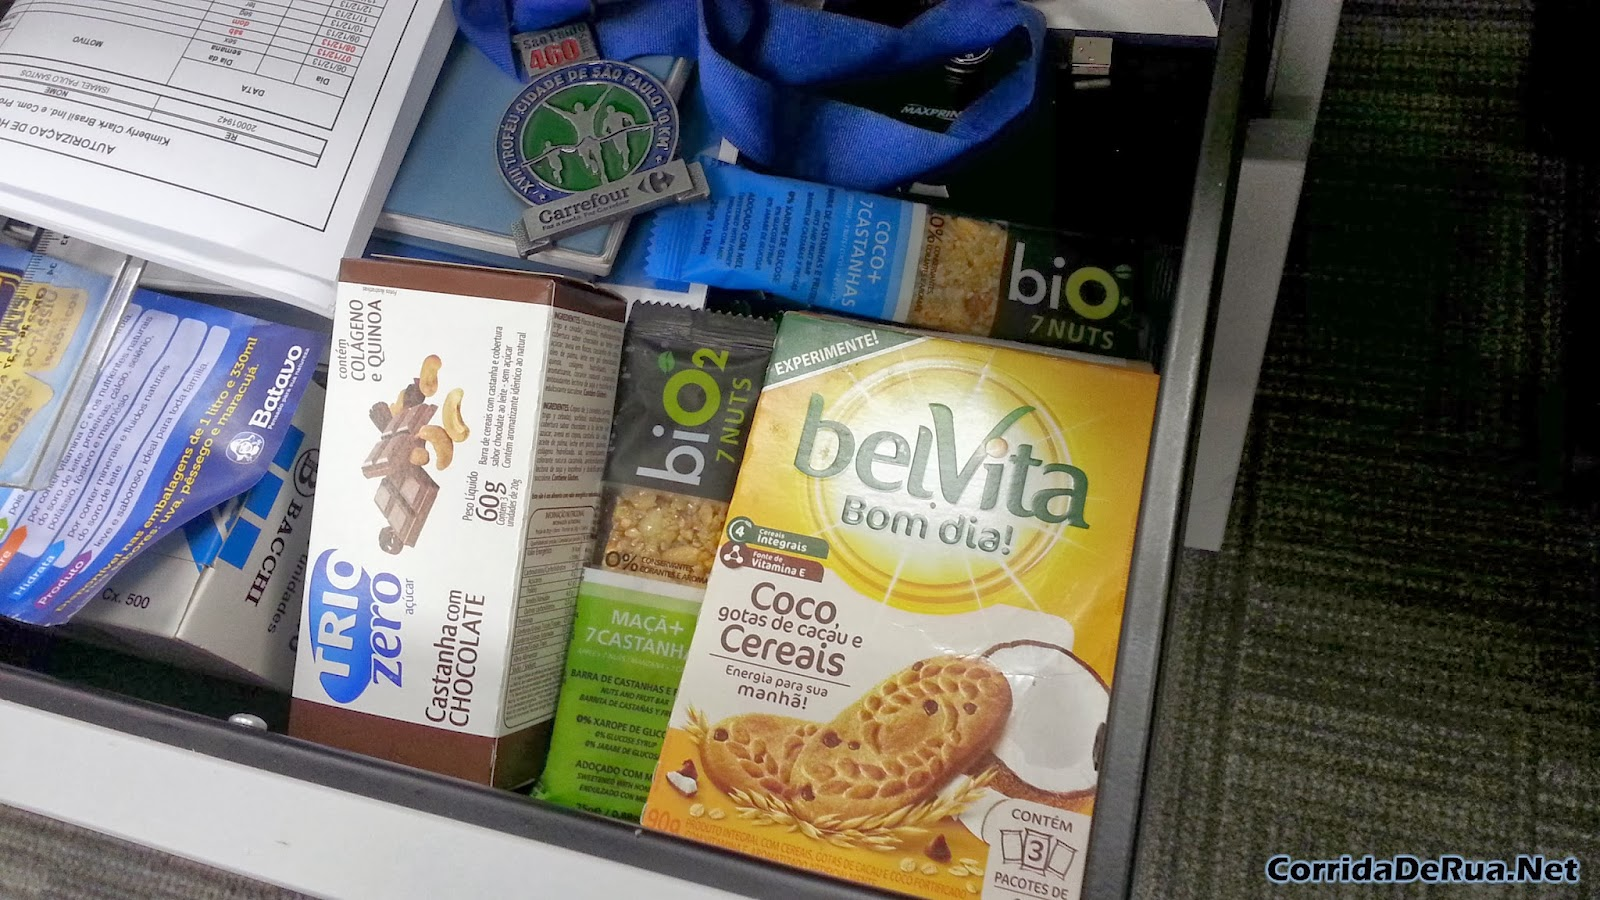 Barras de cereal Nutri e Bio2 7 Nuts e um BelVita - Corrida de Rua